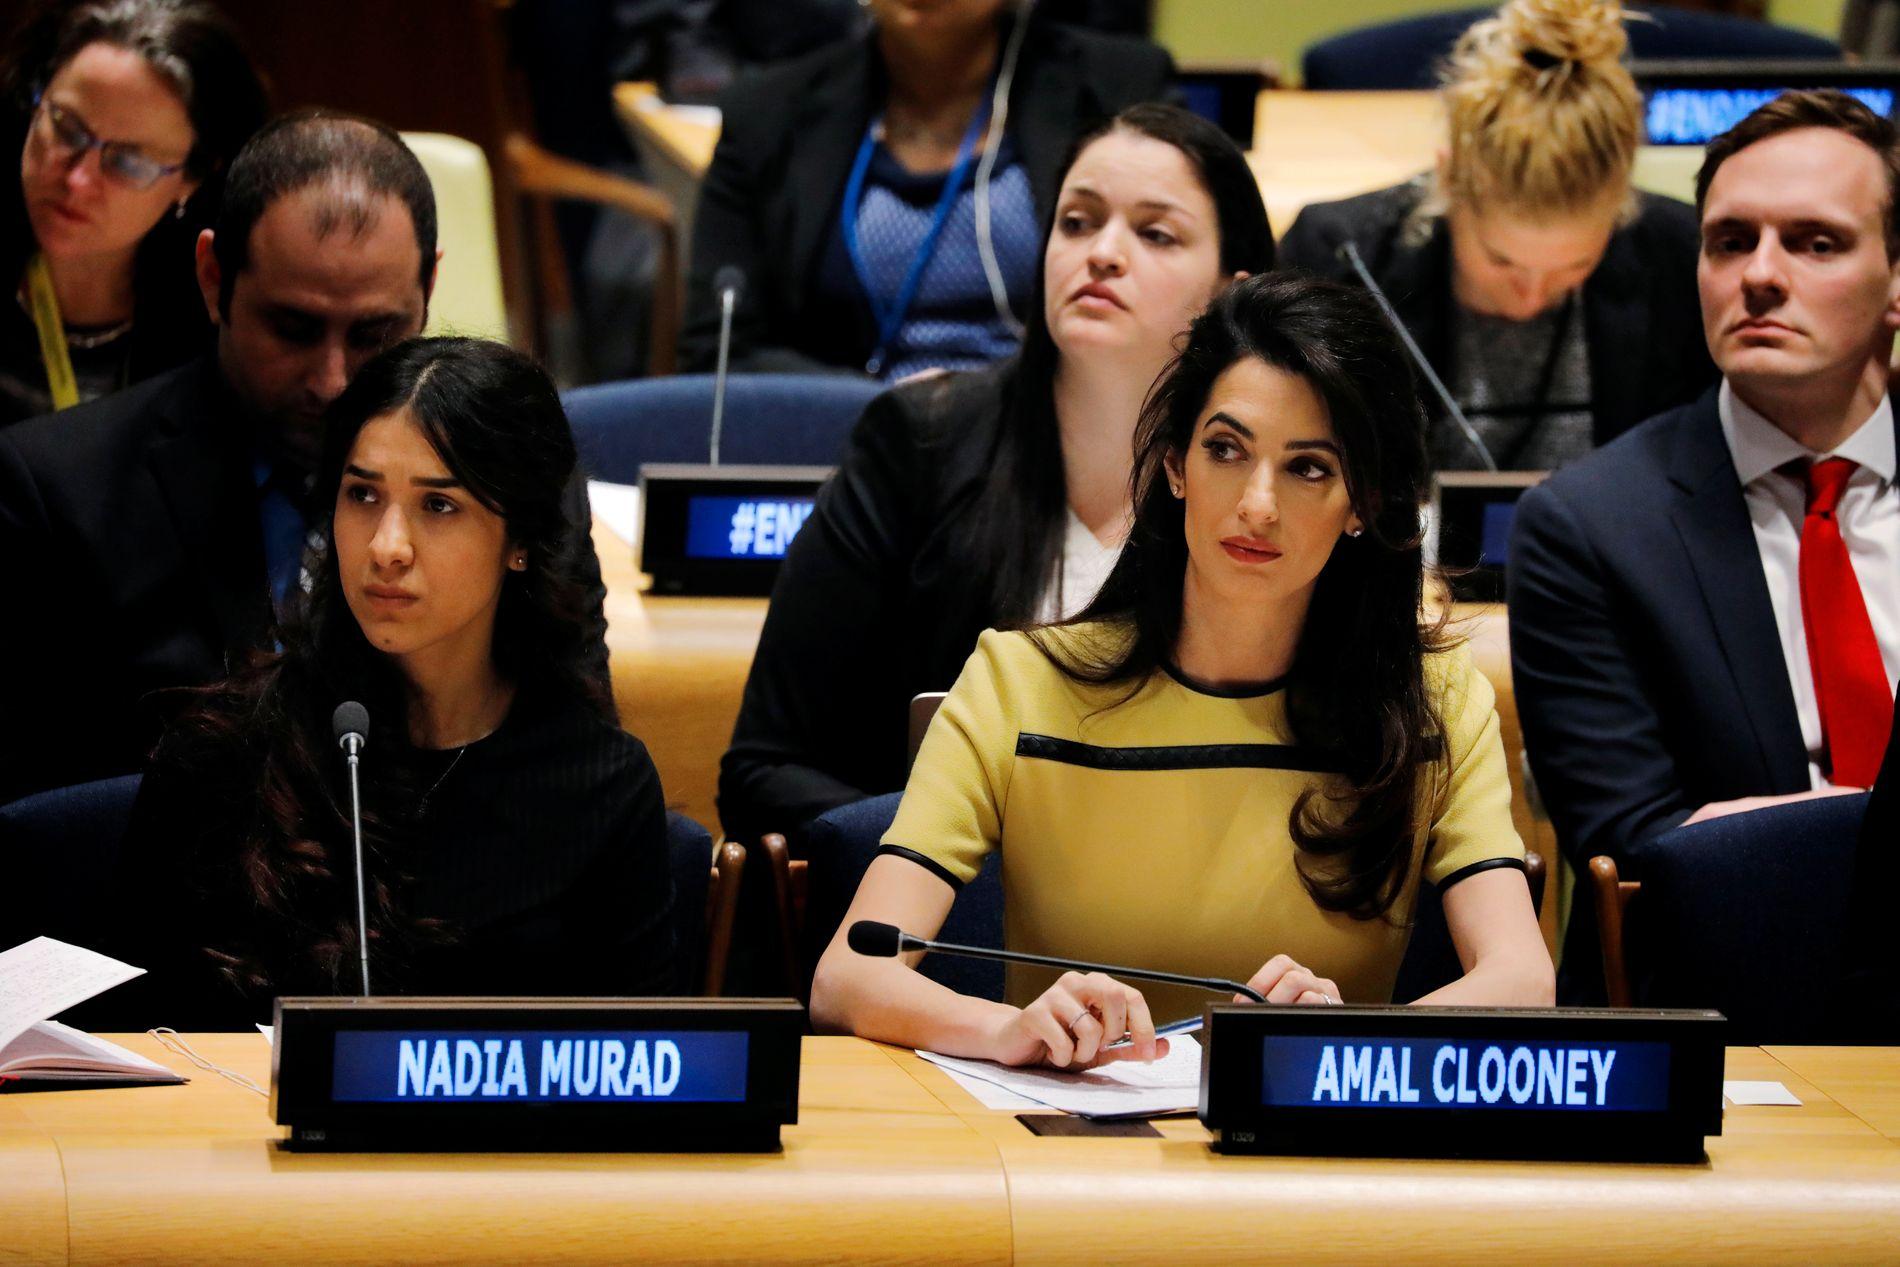 BLIR LYTTET TIL: Nadia Murad og hennes advokat Amal Clooney fotografert før hennes innlegg foran Sikkerhetsrådet i FN i New York 9. mars 2017.